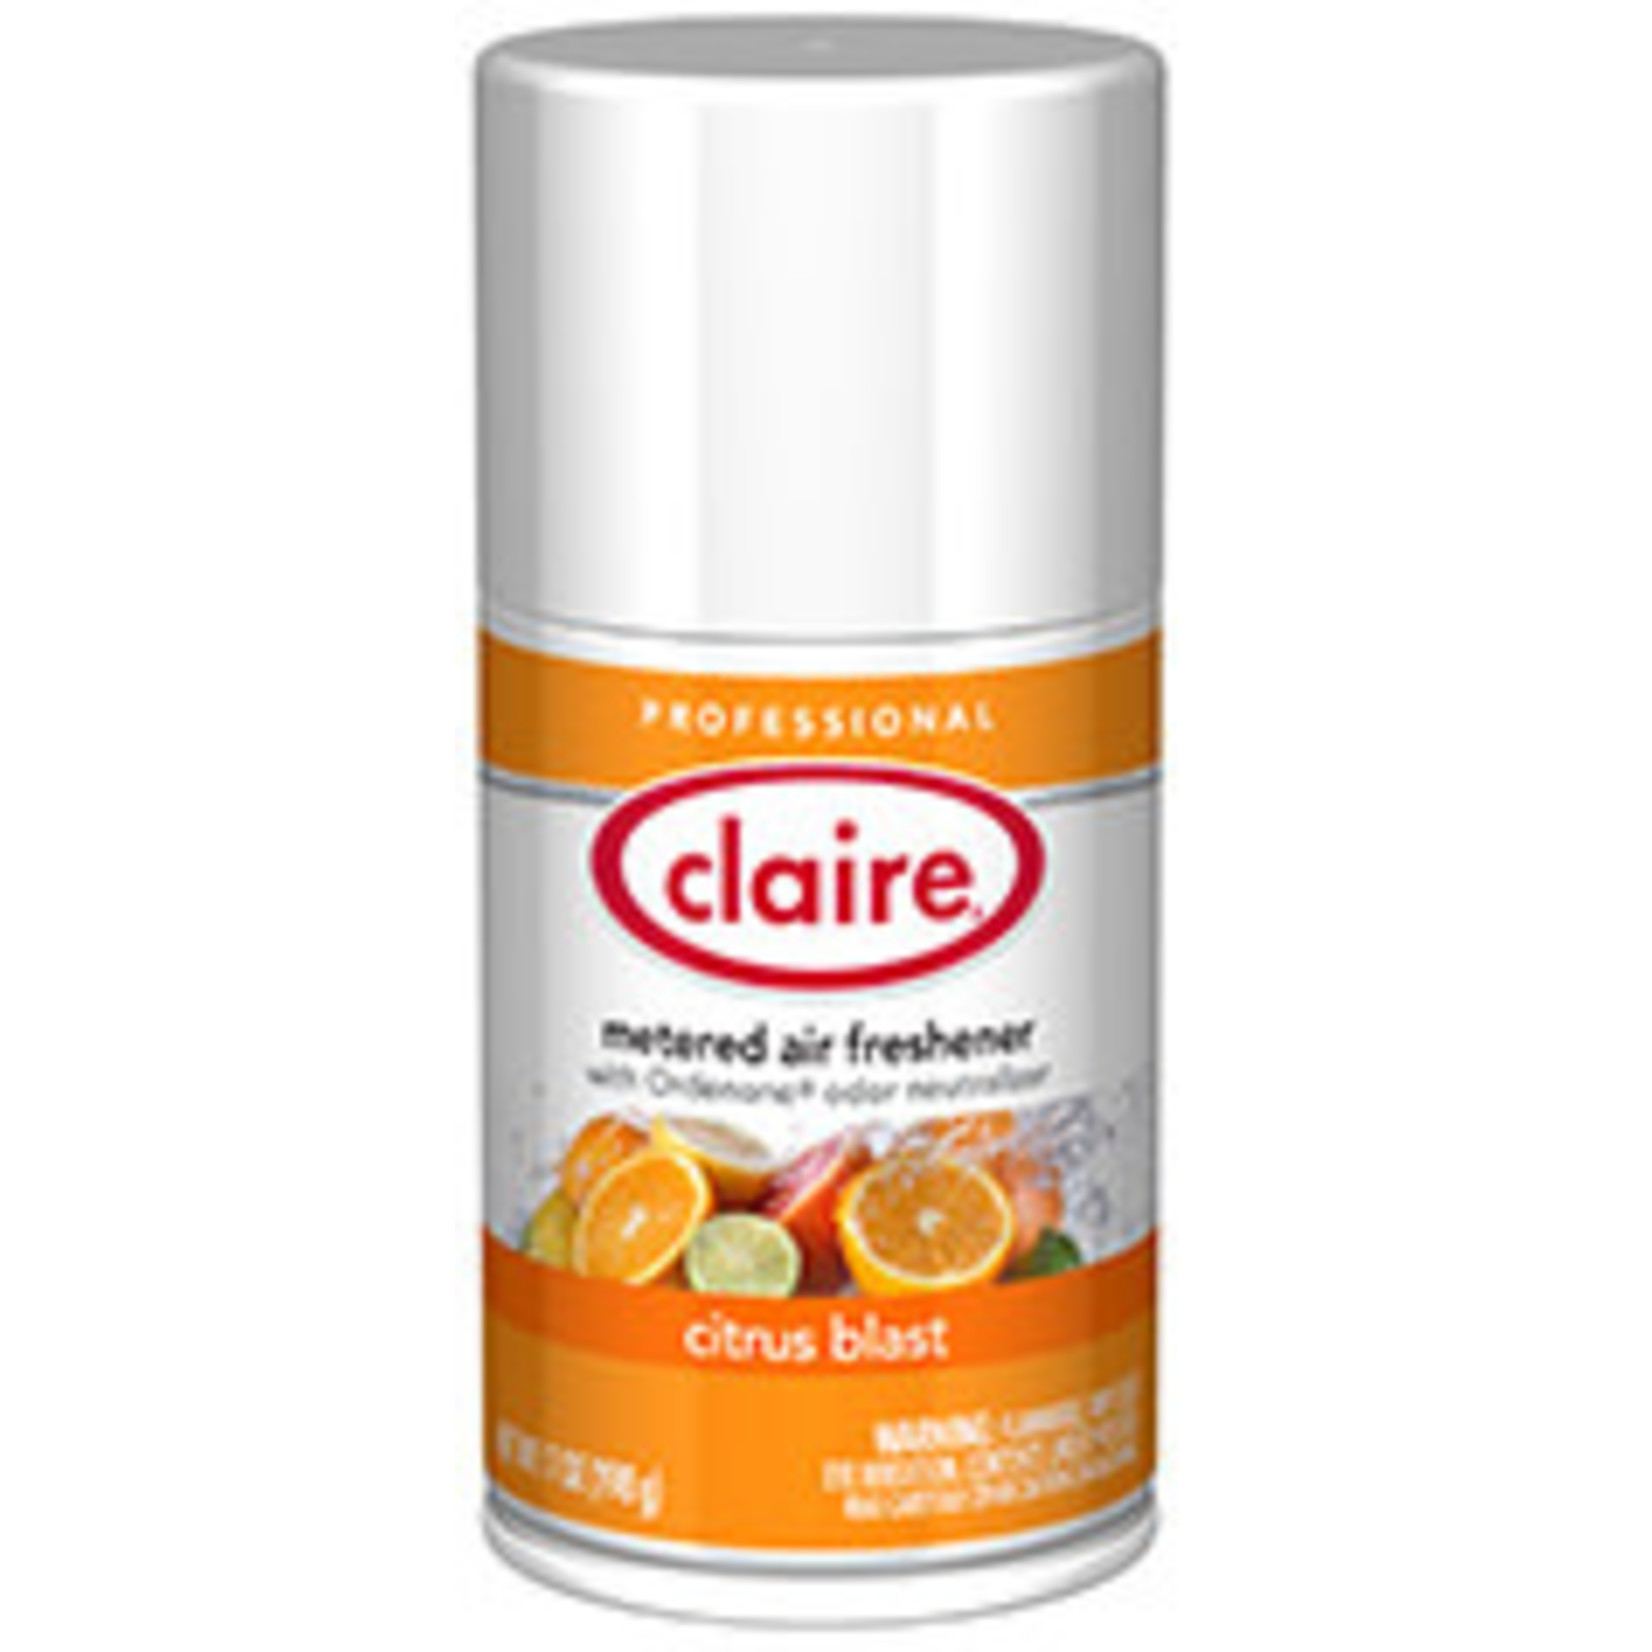 Claire Citrus Blast - 7oz